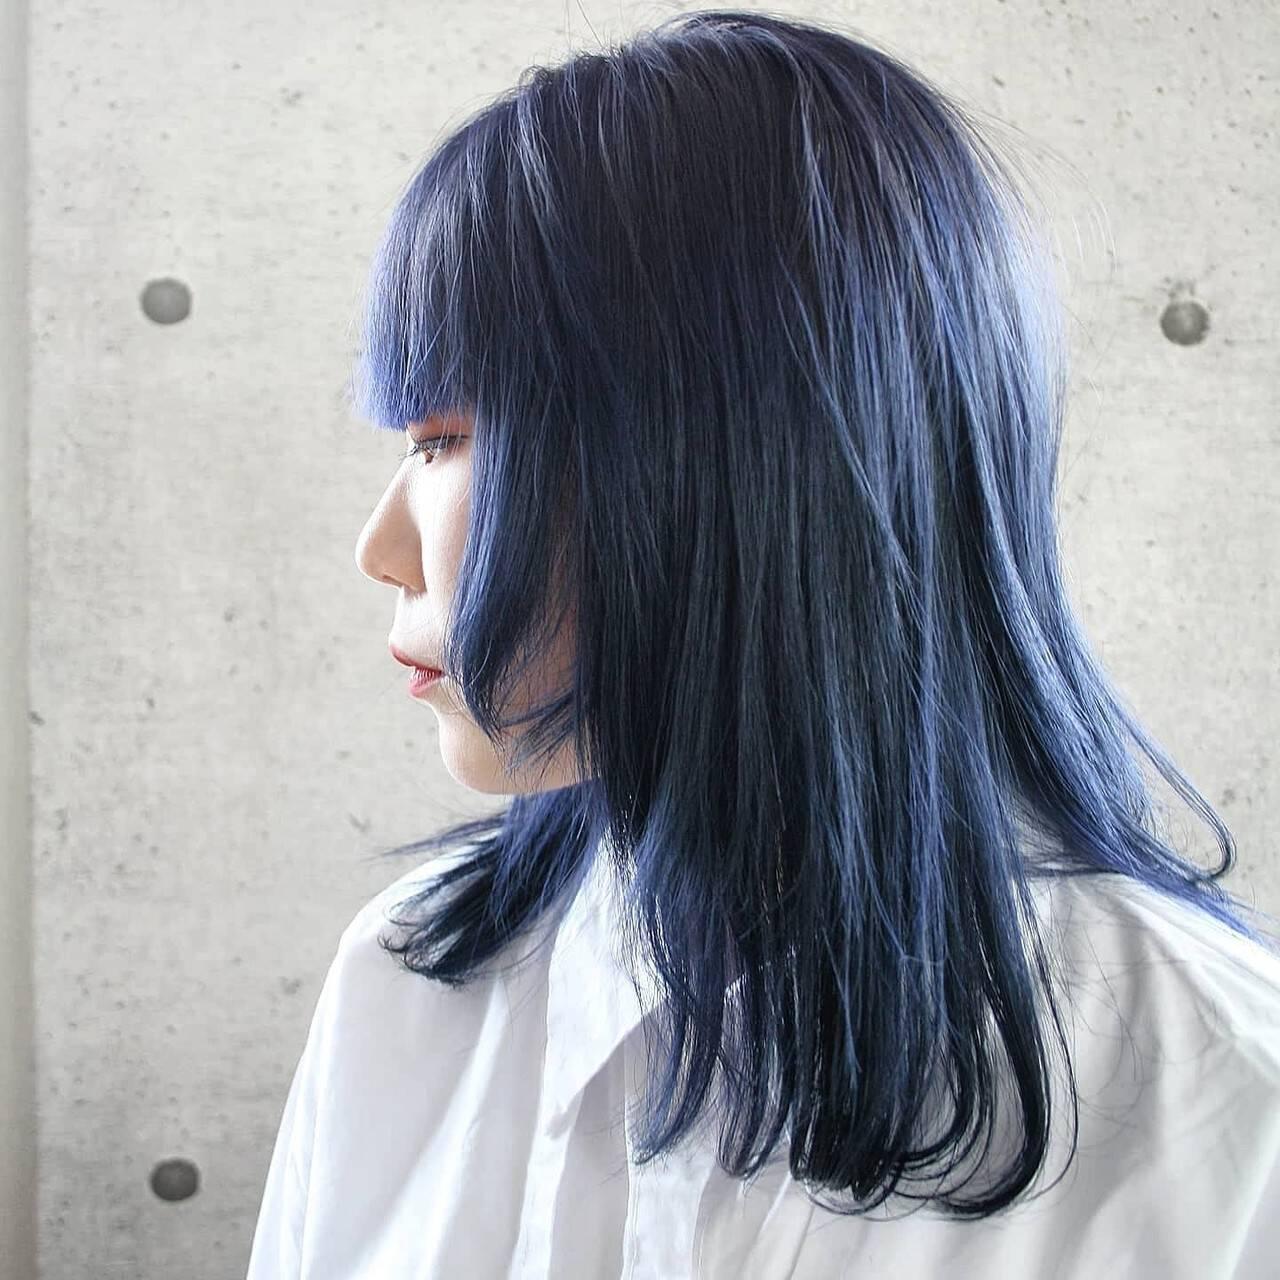 モード ハイトーンカラー ブリーチカラー 透明感カラーヘアスタイルや髪型の写真・画像